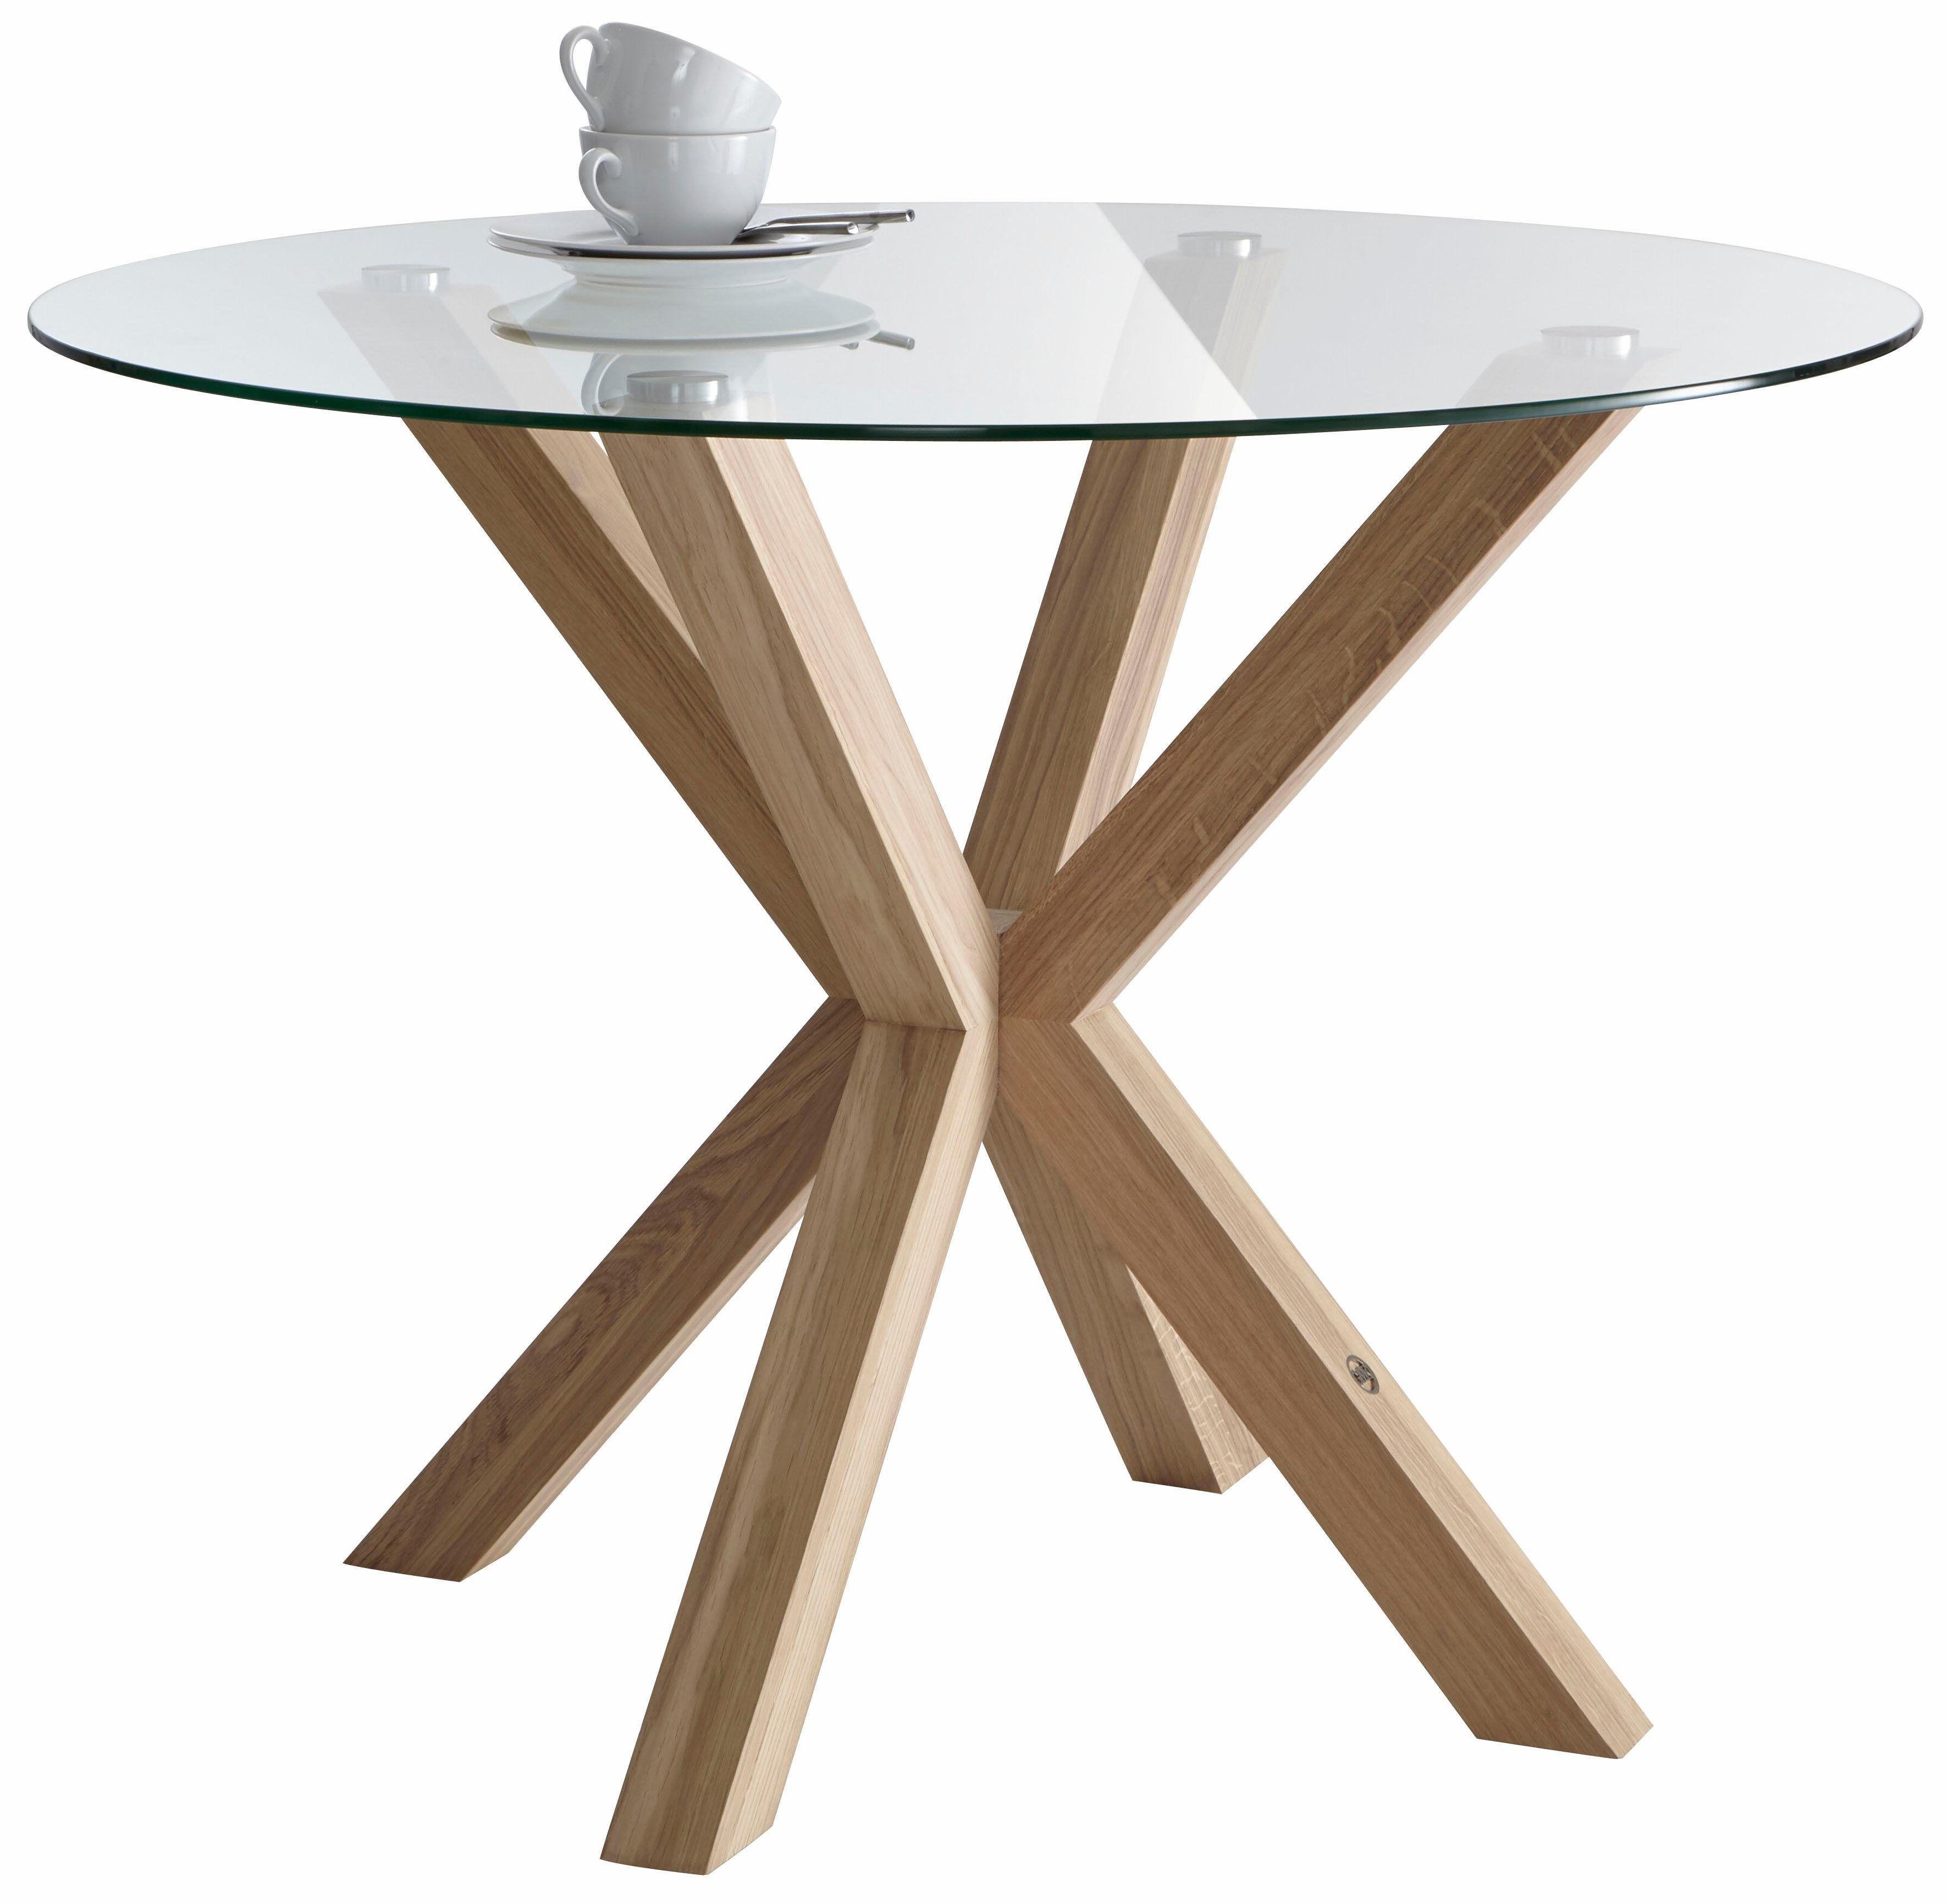 Gmk Home Living Esstisch Dinard O 100 Cm Mit Runder Glasplatte Jetzt Bestellen Unter Https Moebel Ladendirekt De Kueche Und Esstisch Tisch Kuche Tisch